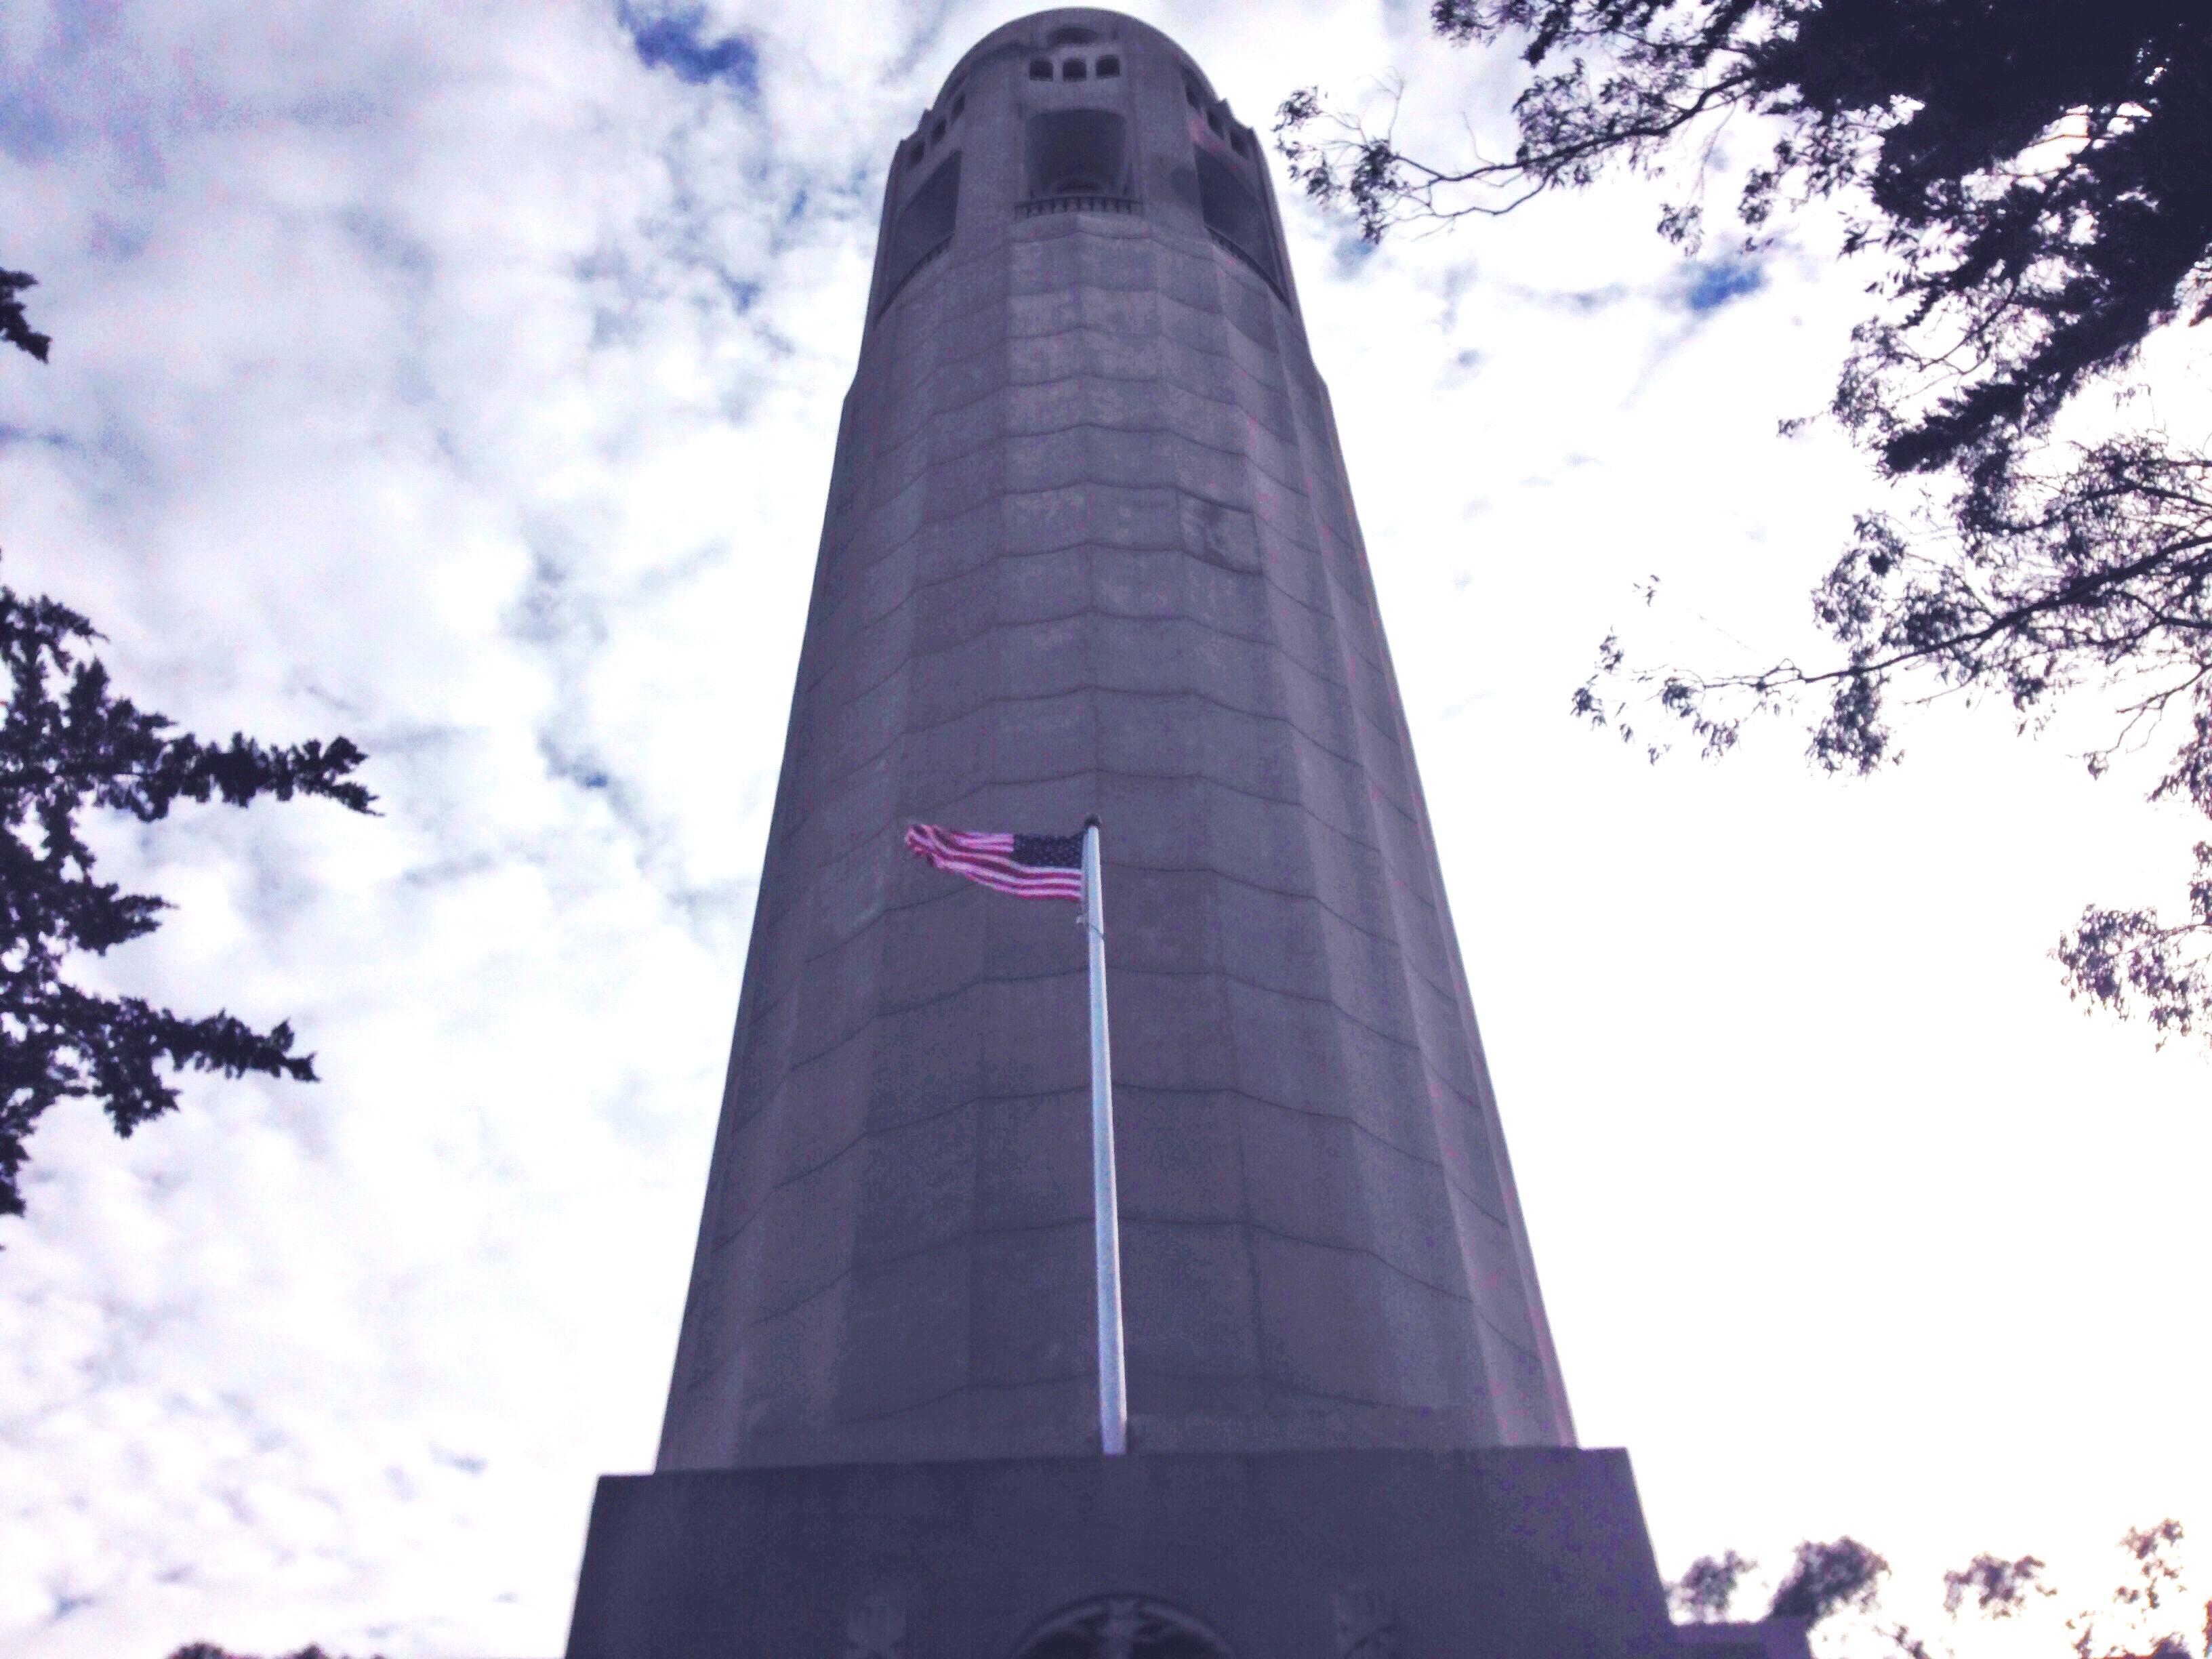 La Coit Tower